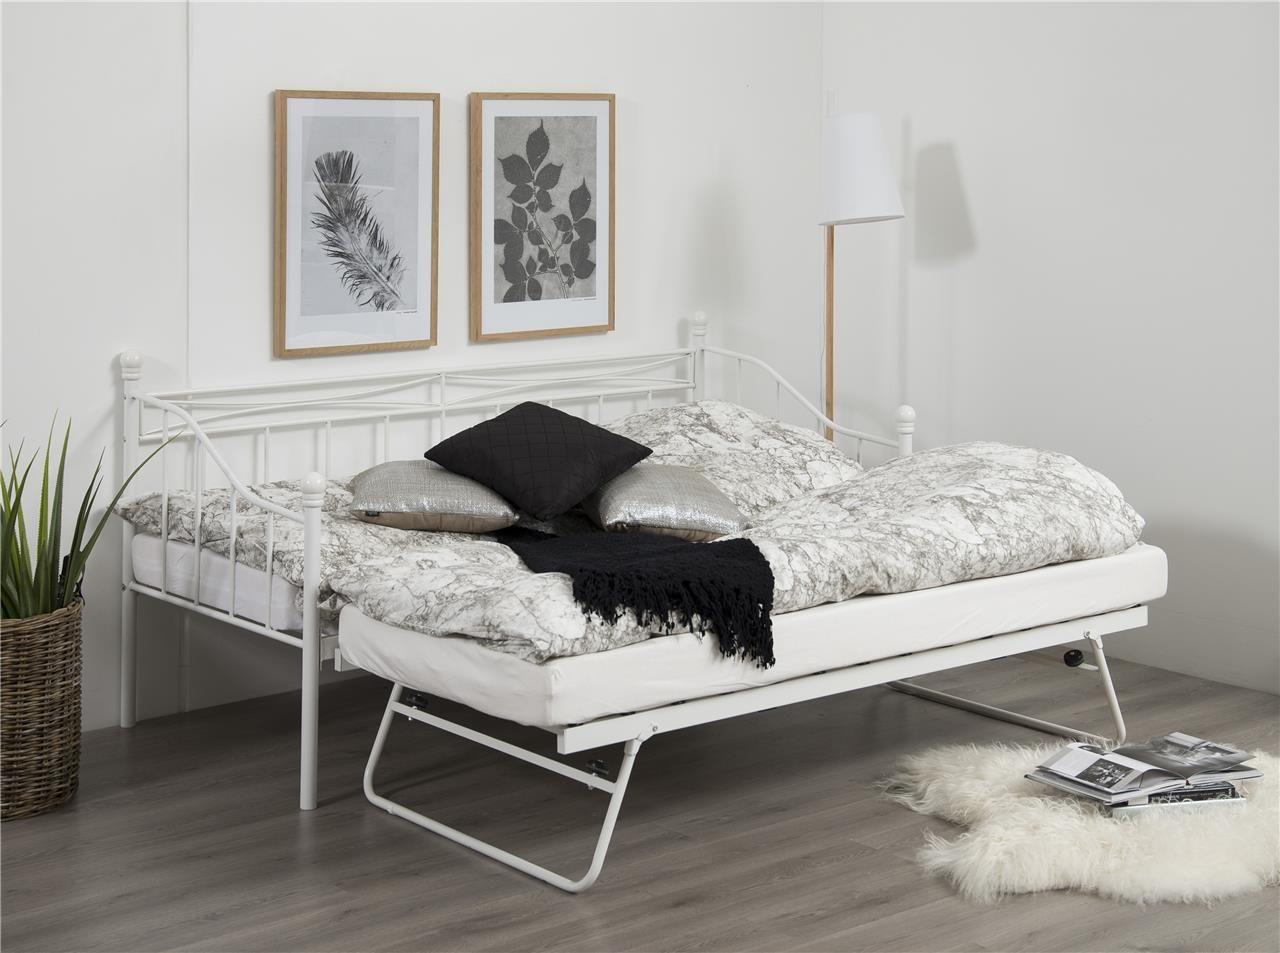 łóżko Prince Białe Rozkładane łóżka Do Sypialni W 2019